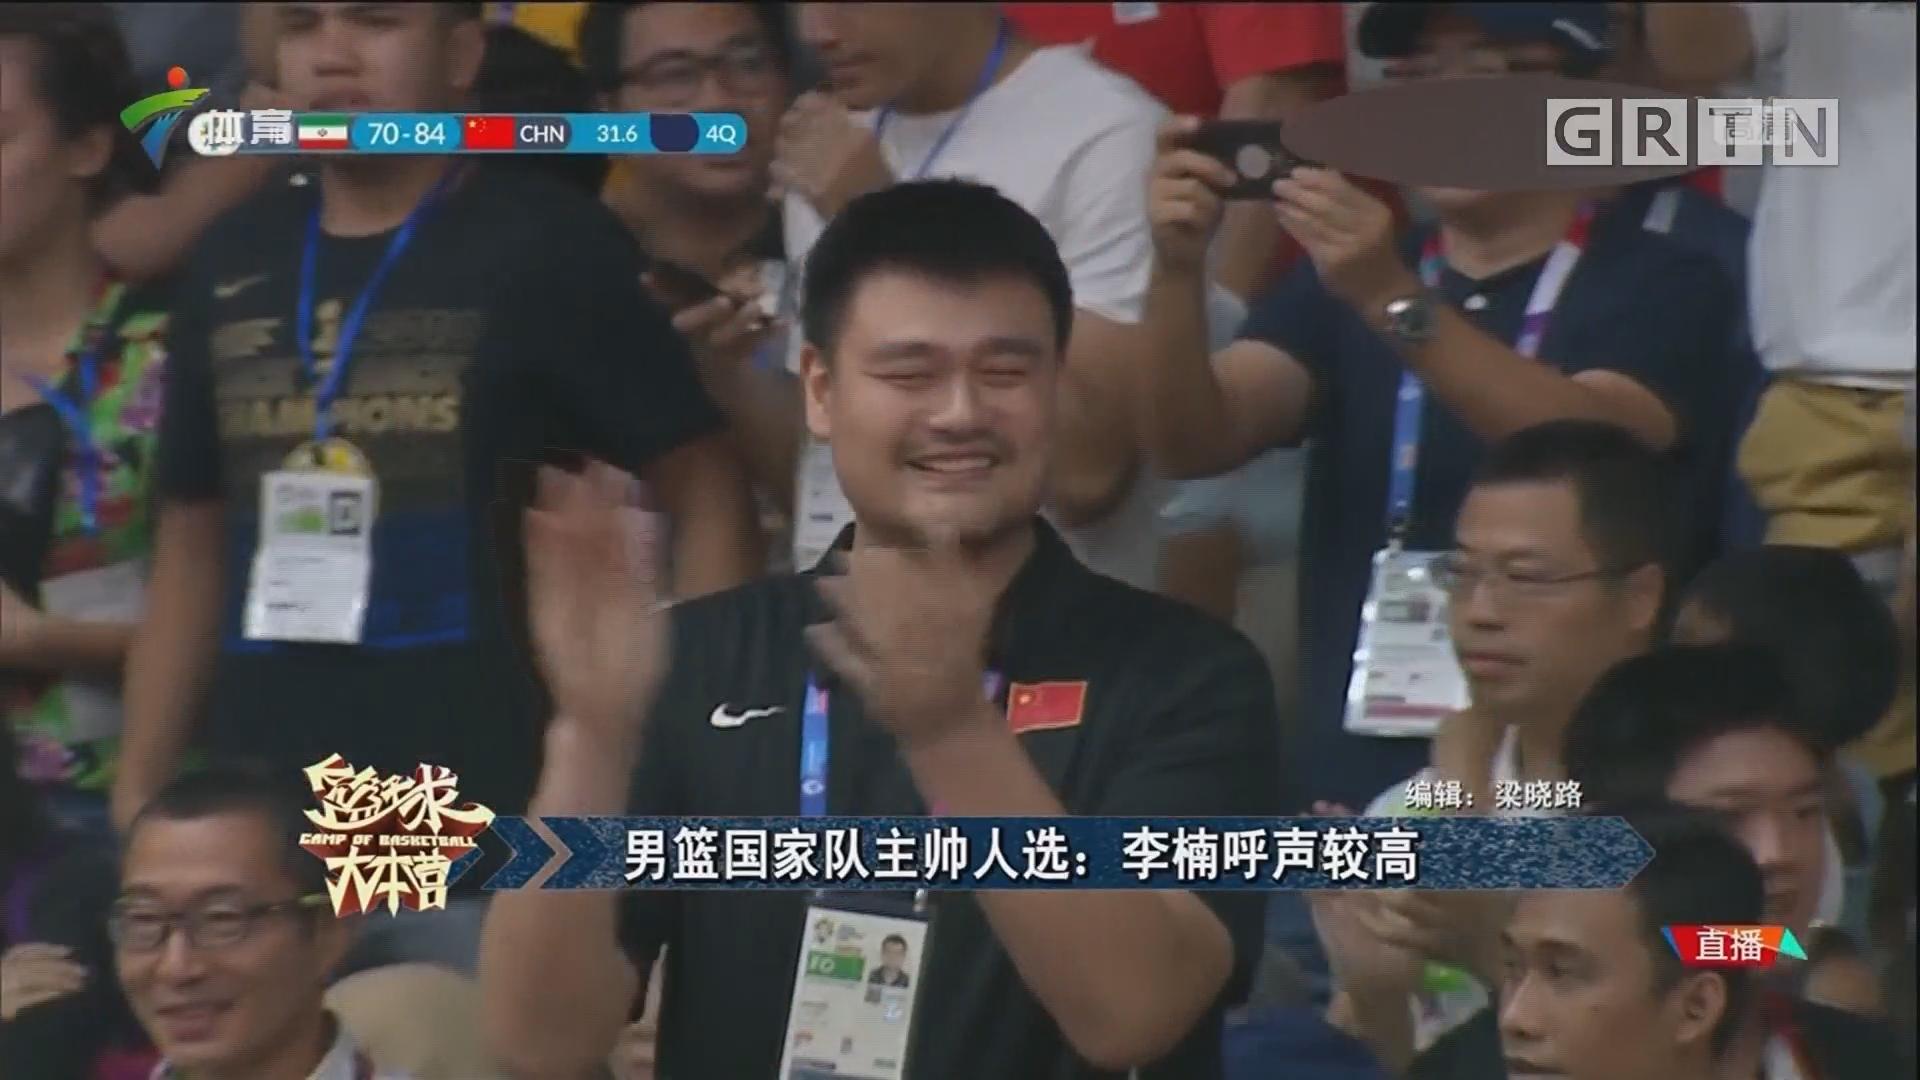 男篮国家队主帅人选:李楠呼声较高